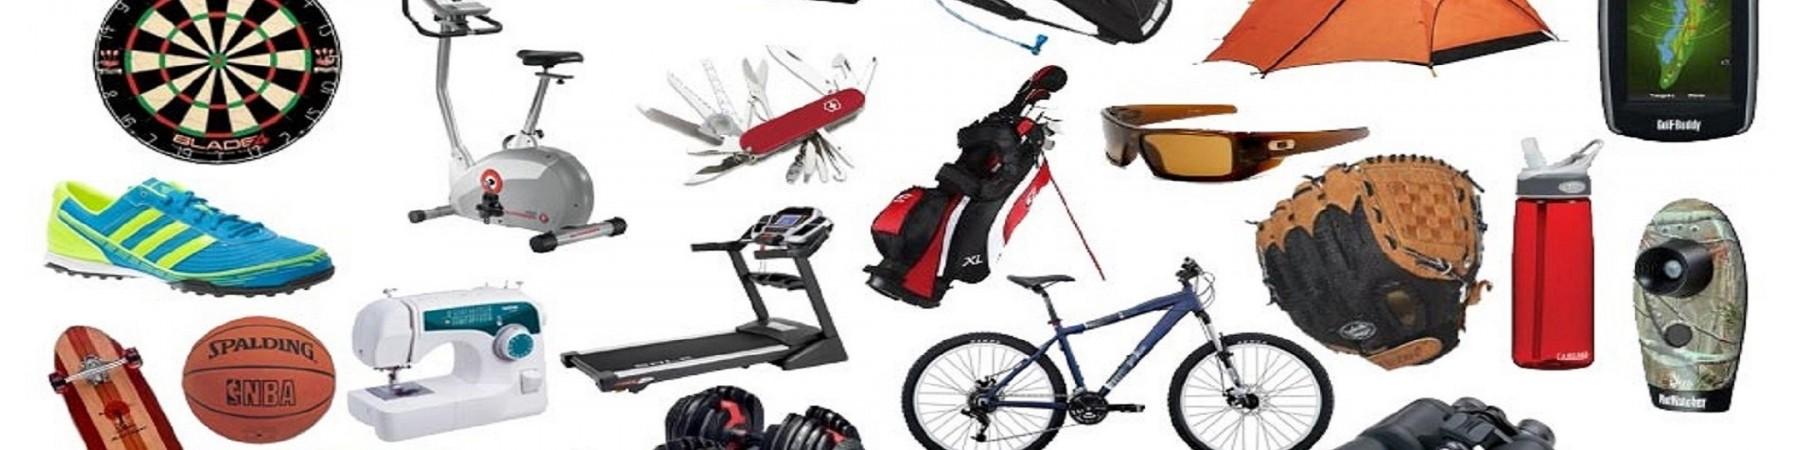 Đồ dùng,thiết bị,dụng cụ thể dục thể thao,du lịch dã ngoại